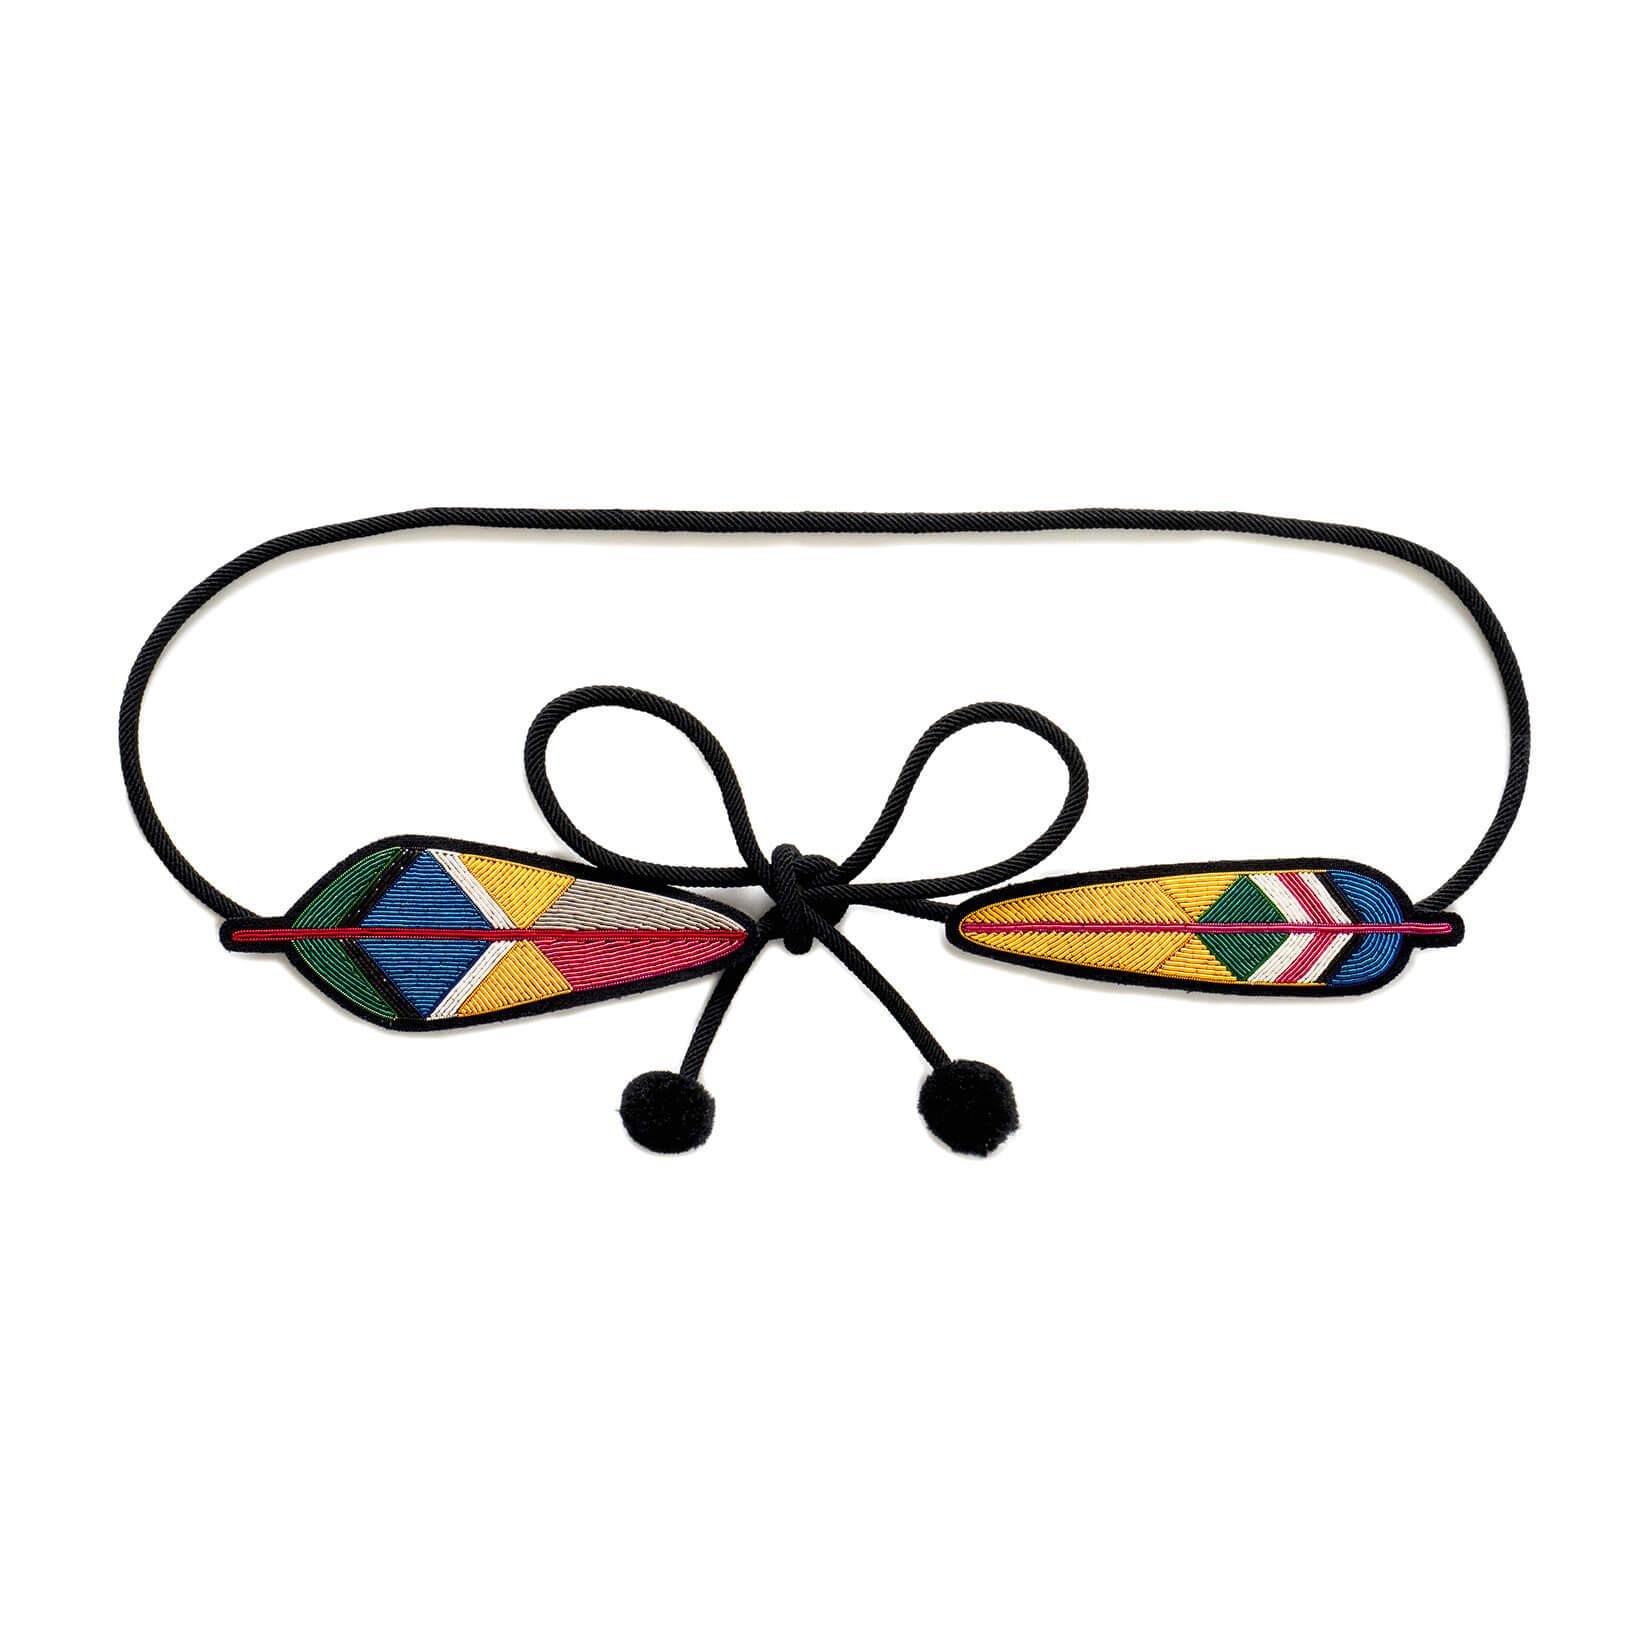 印度丝手工刺绣徽章羽毛腰带,我们美丽的绣花故事很好地勾勒了您的腰部。